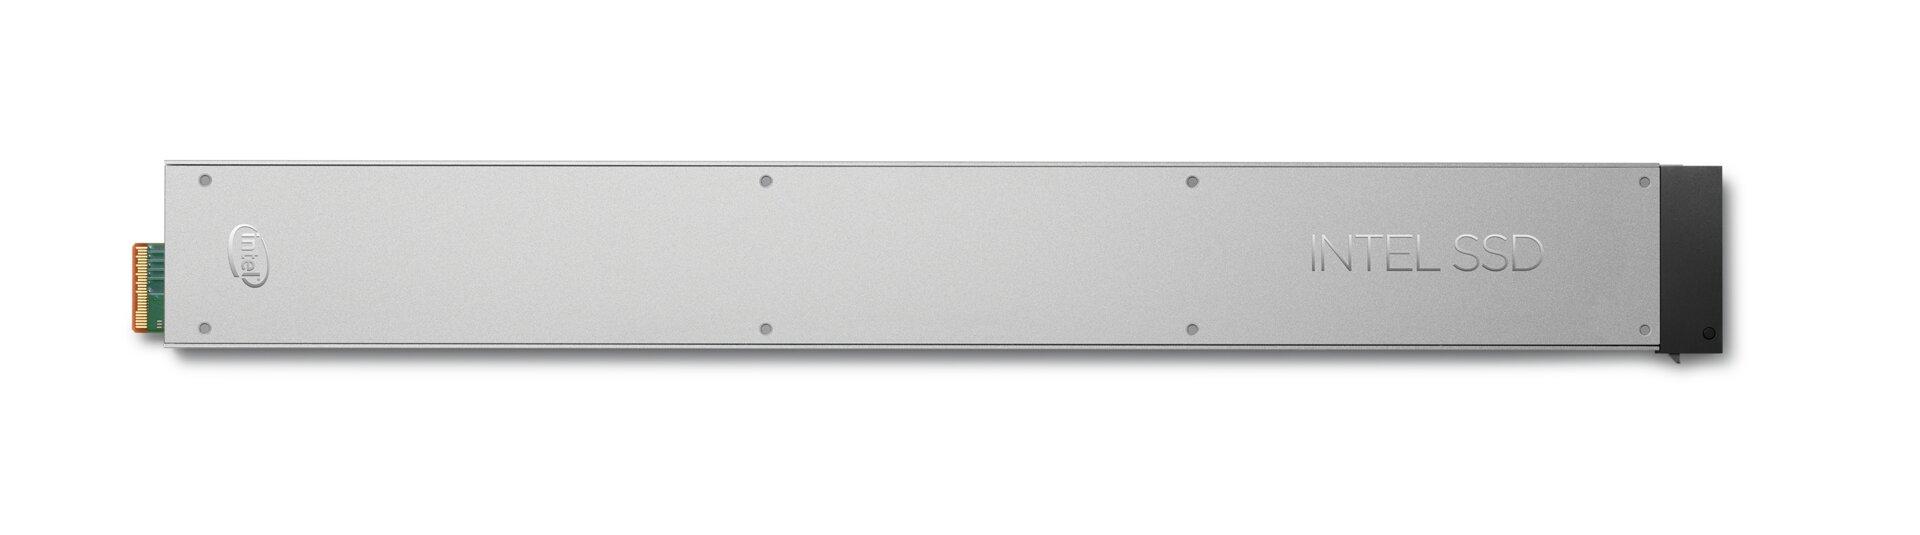 Intel SSD D5-P4326